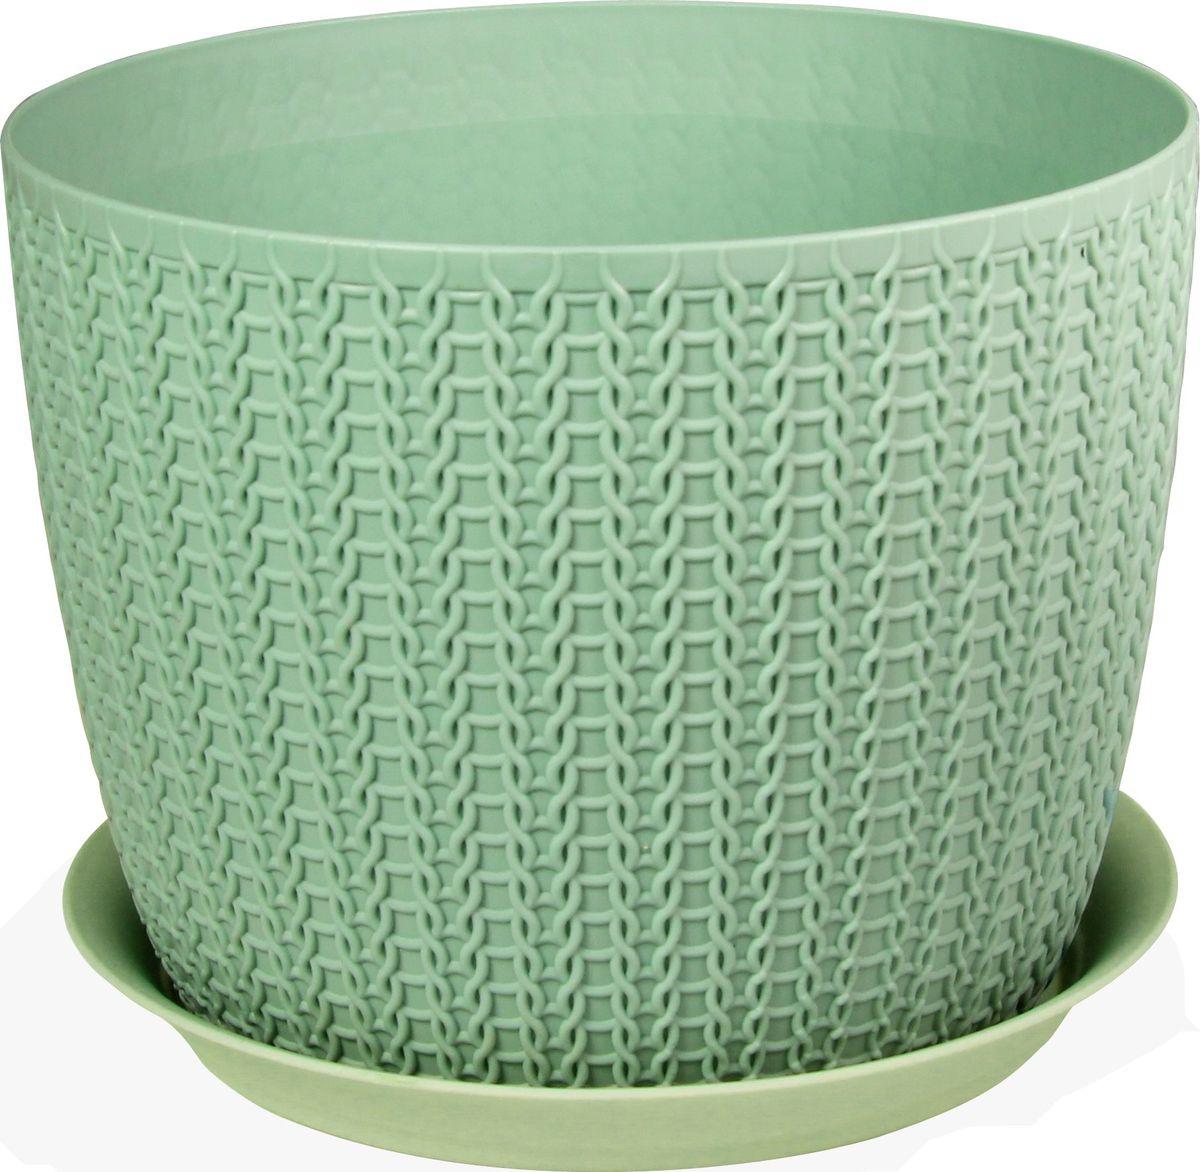 Кашпо Idea Вязание, с поддоном, цвет: фисташковый, диаметр 21 см250-1-w-gКашпо Idea Вязание изготовлено из полипропилена (пластика). Специальная подставка предназначена для стока воды. Изделие прекрасно подходит для выращивания растений и цветов в домашних условиях.Диаметр кашпо: 21 см. Высота кашпо: 16,5 см. Объем кашпо: 4,5 л.